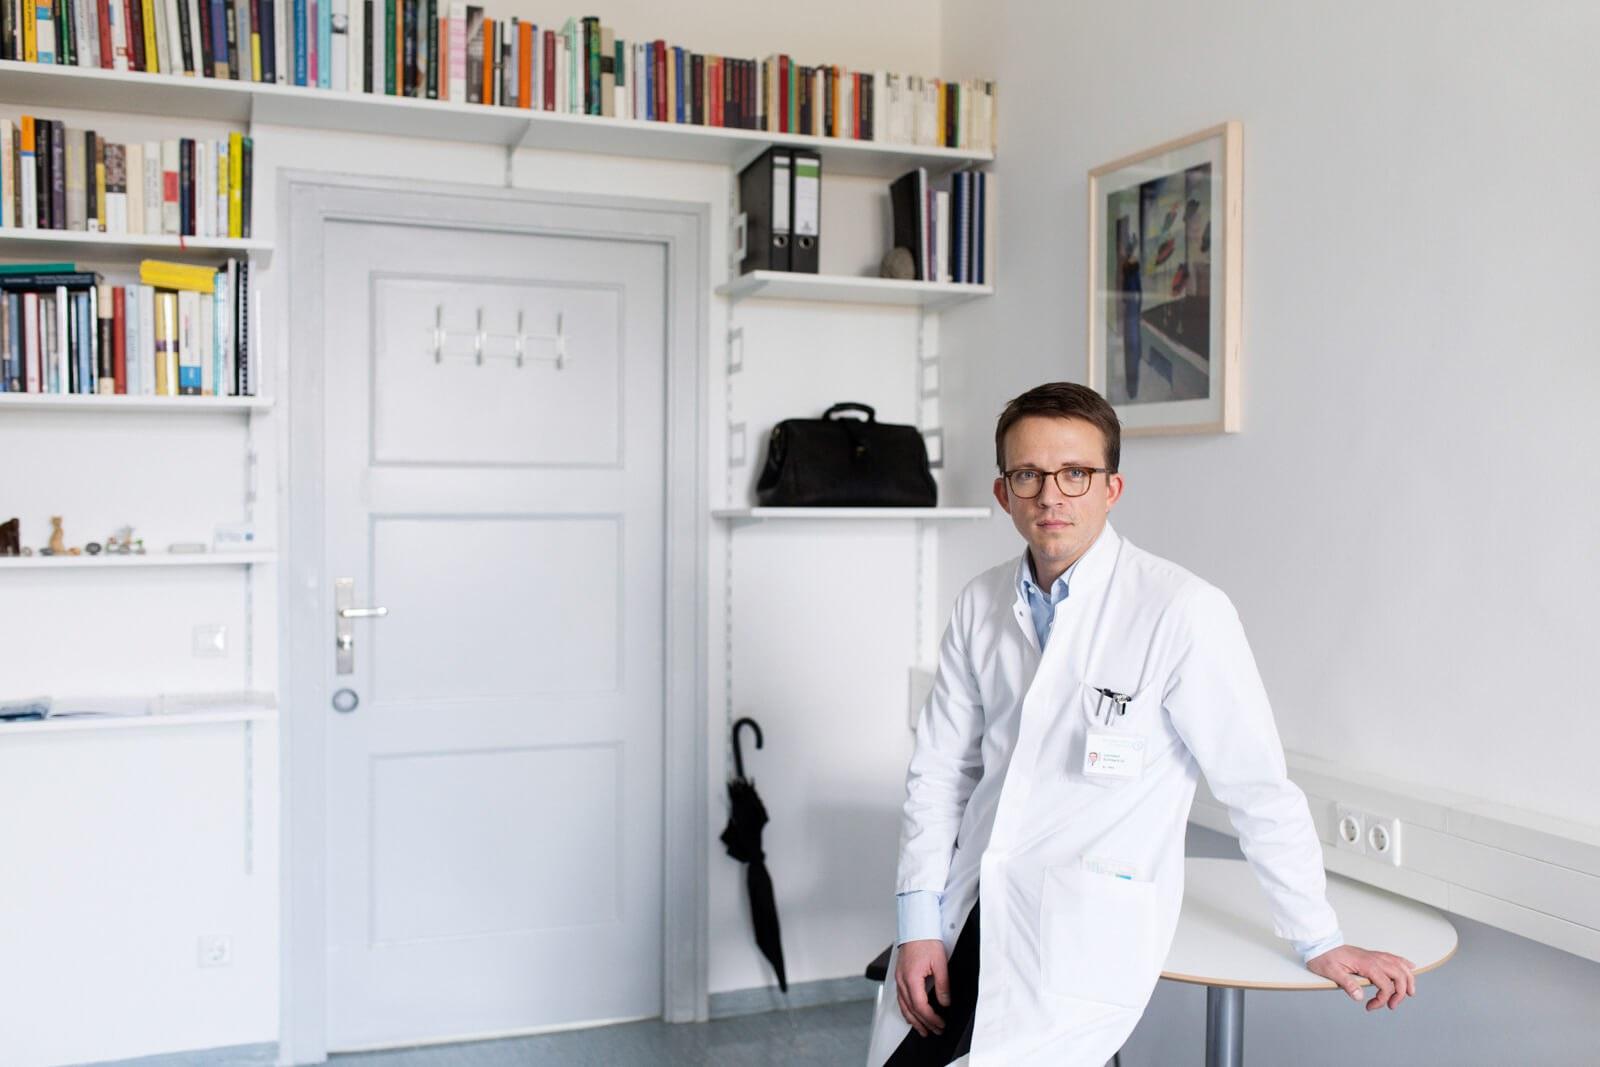 Schilbach Hirnforschung 001 –